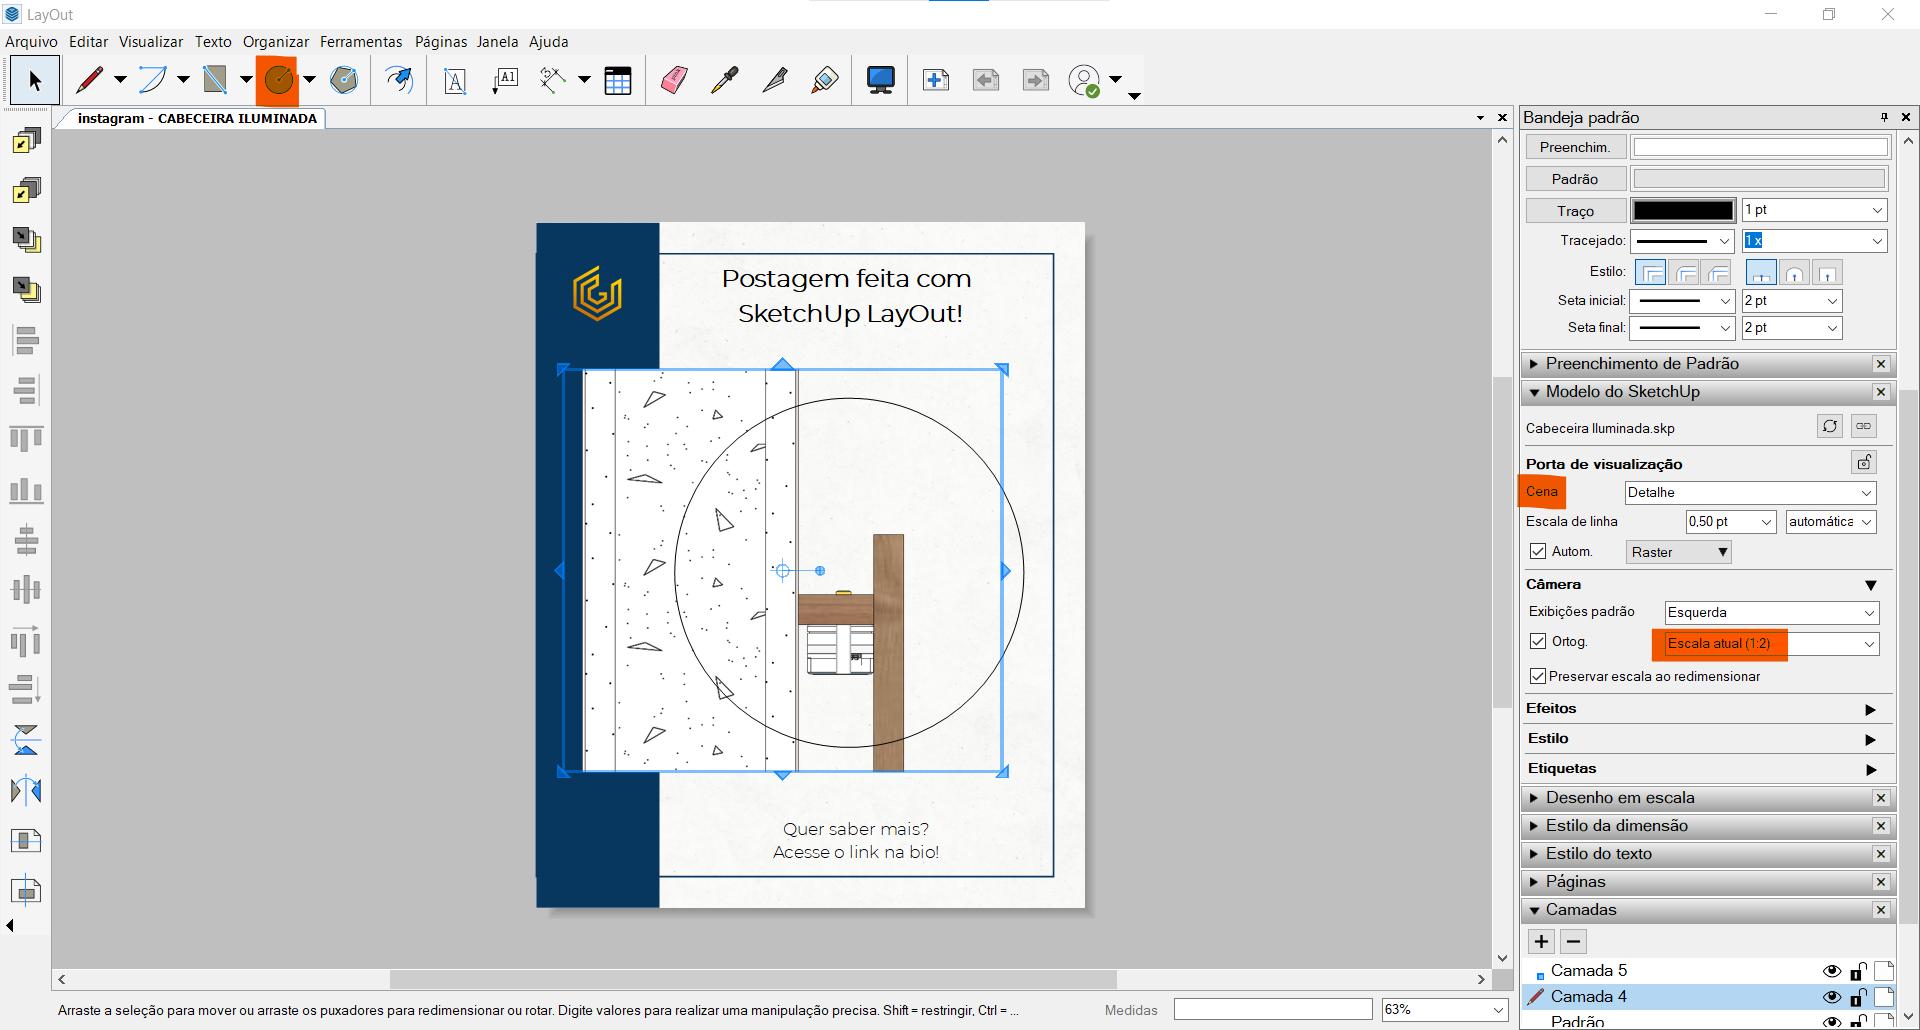 gabster sketchup layout